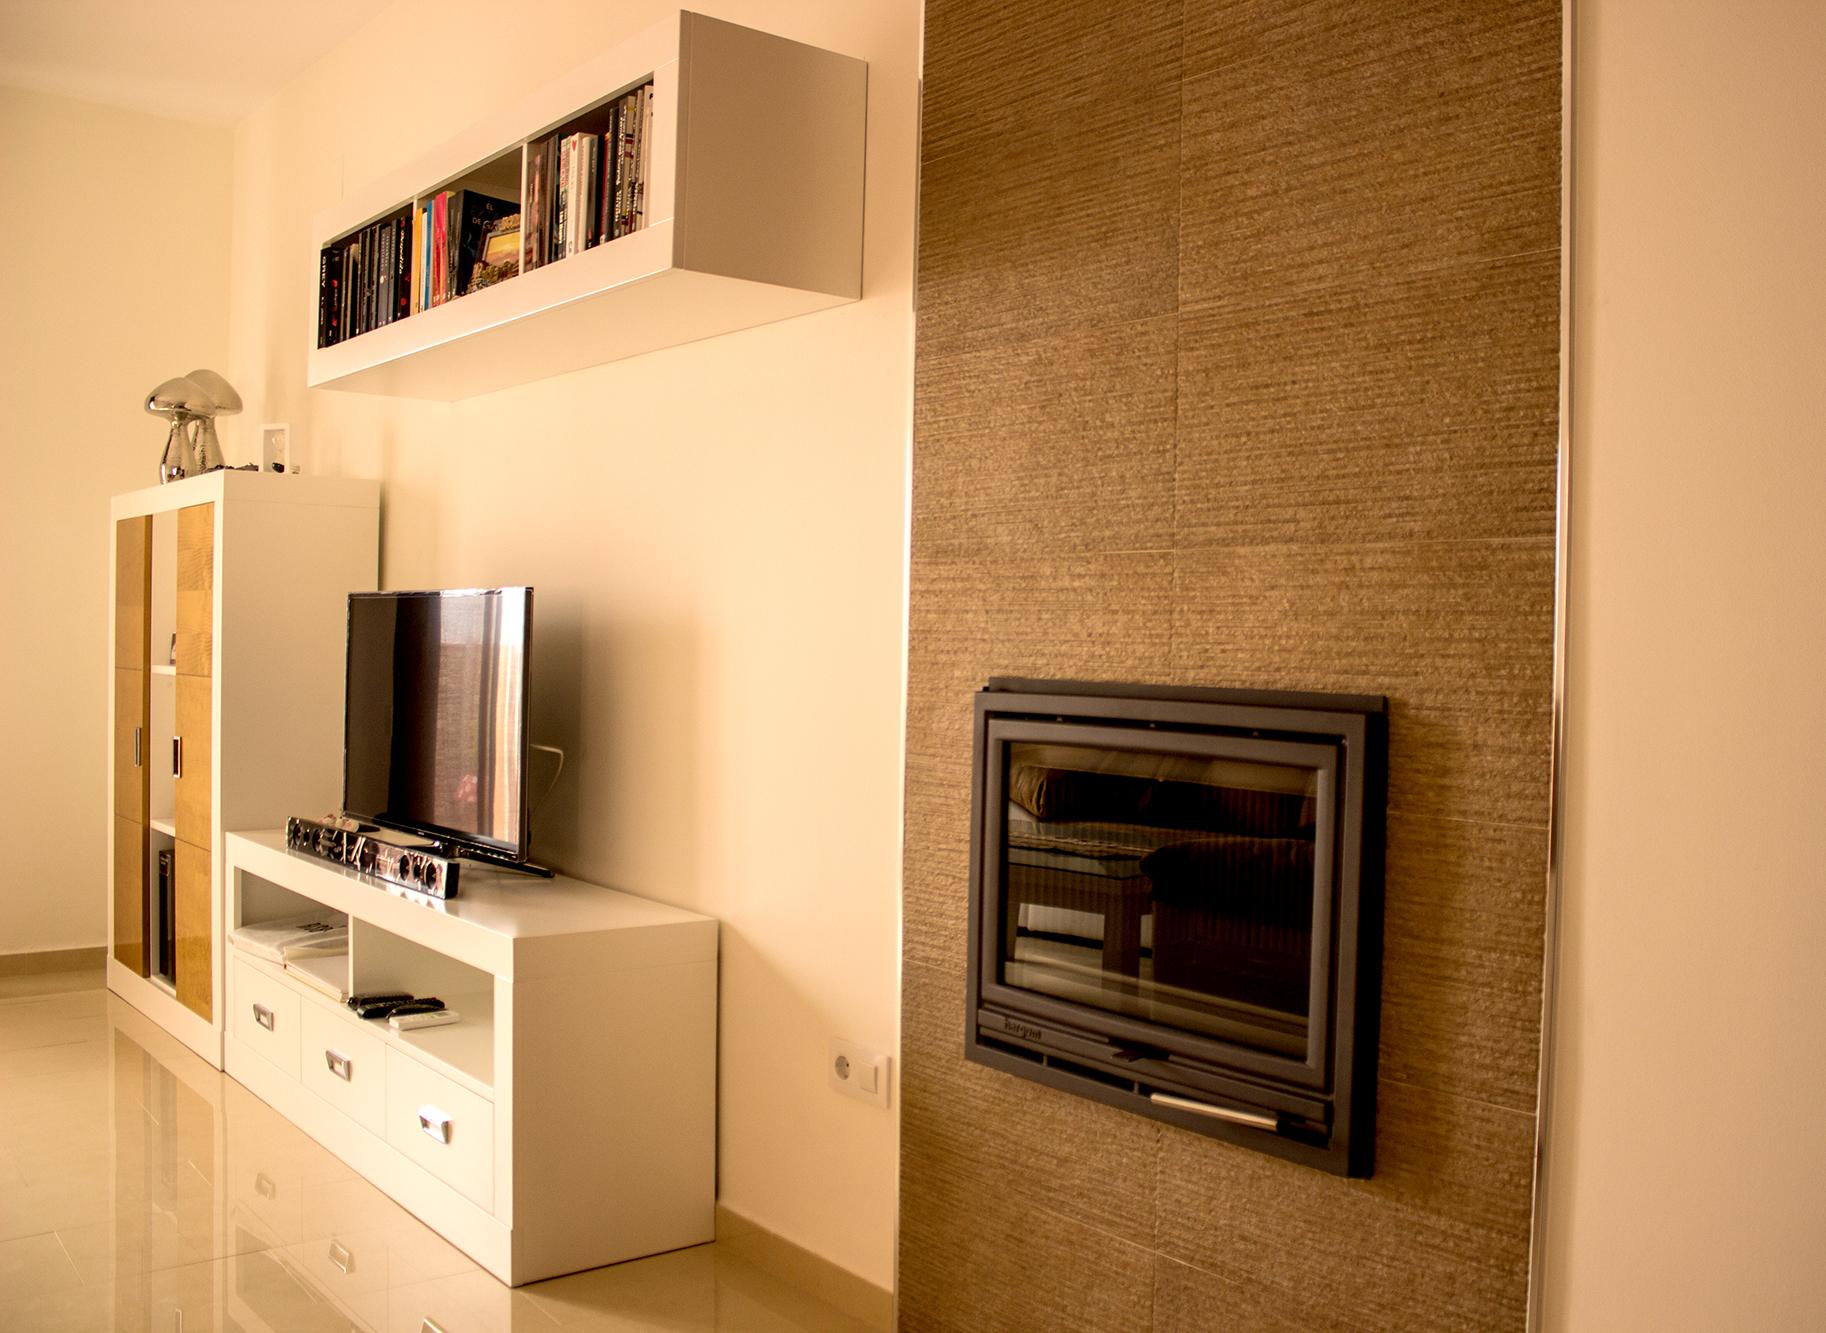 Elegancia buen gusto y vanguardia con muebles for Muebles de vanguardia